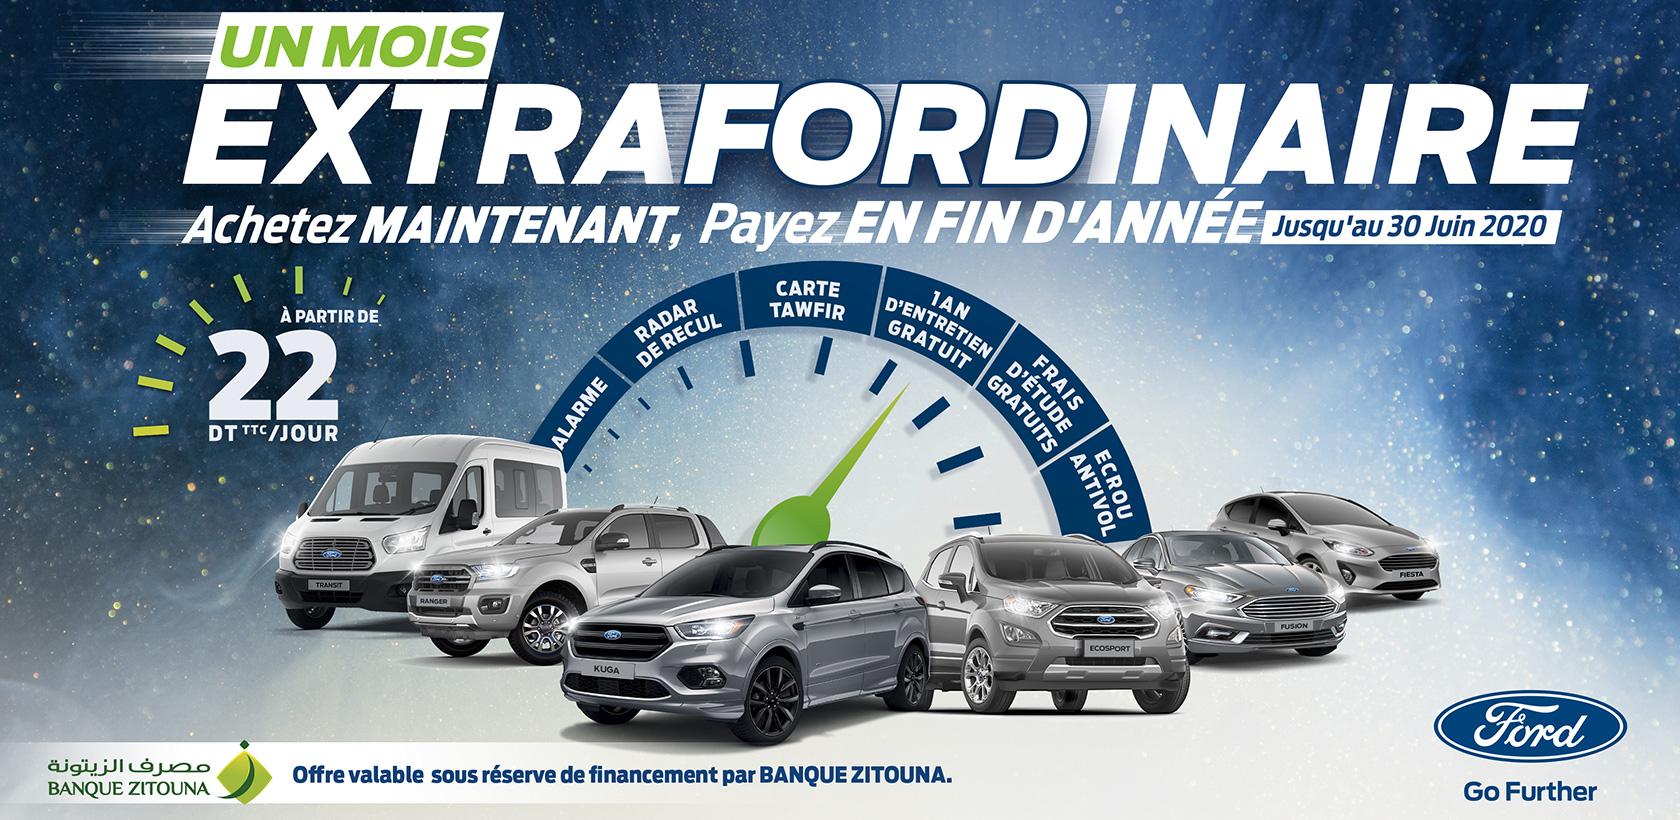 Ford Tunisie et Banque Zitouna